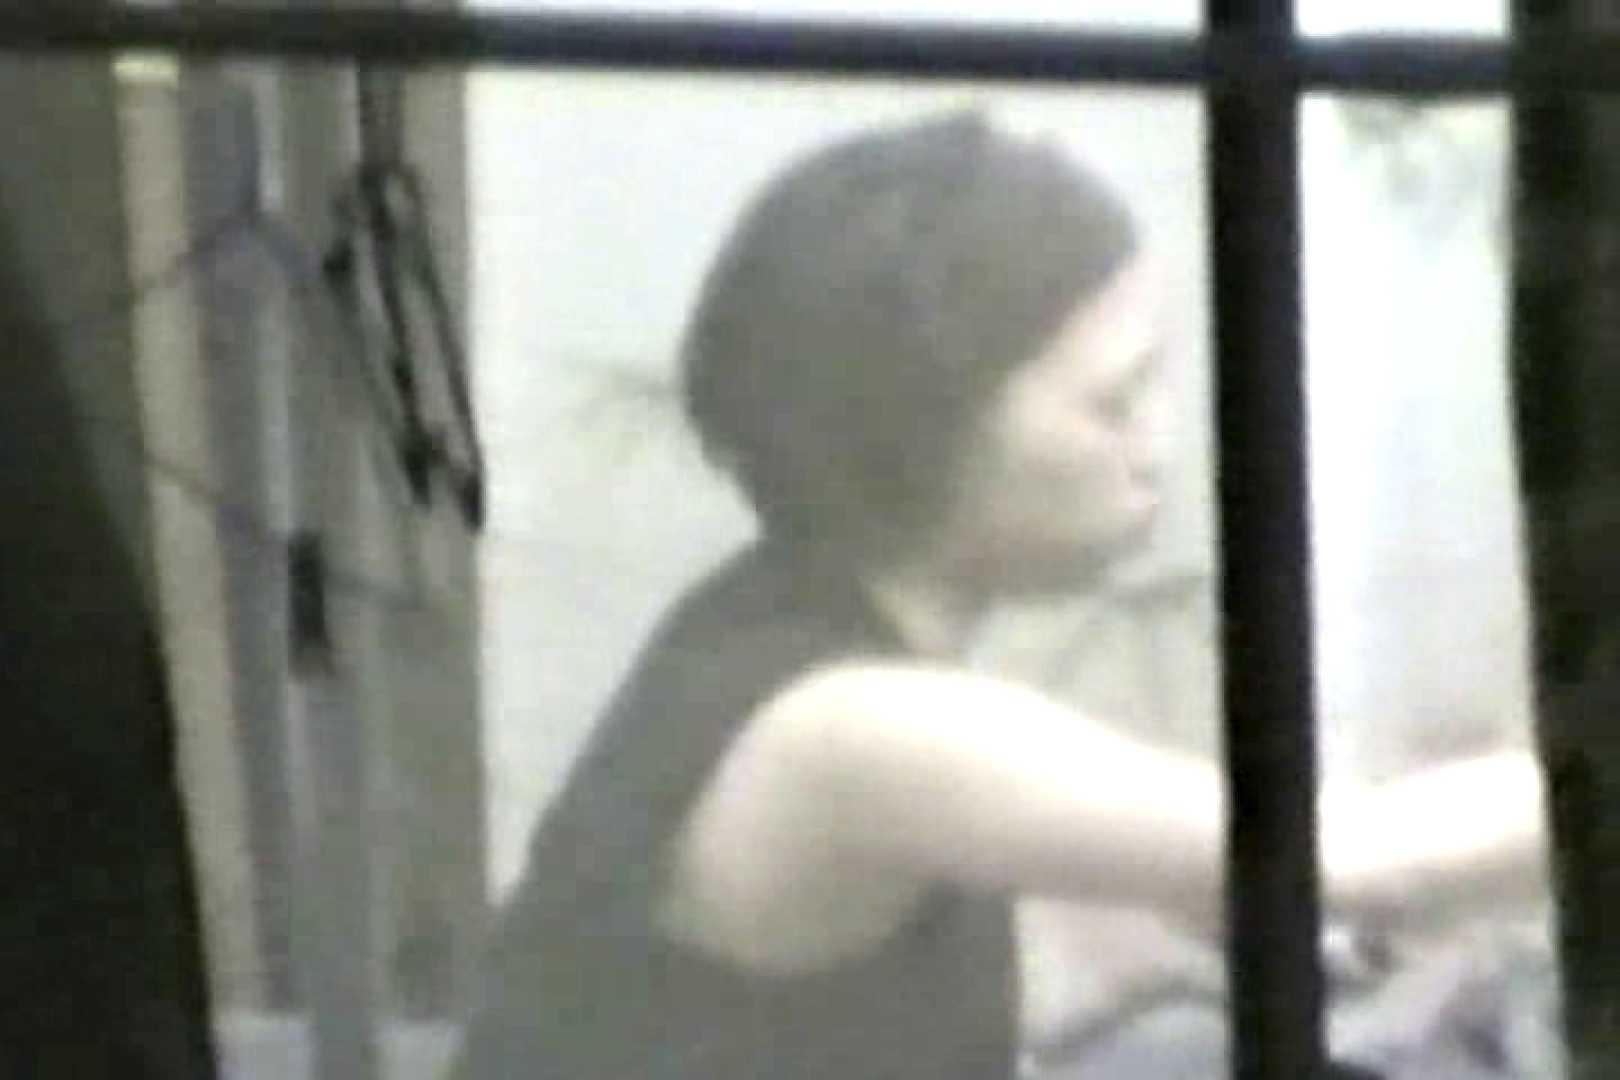 究極の民家覗き撮りVol.4 盗撮師作品 セックス画像 73pic 38